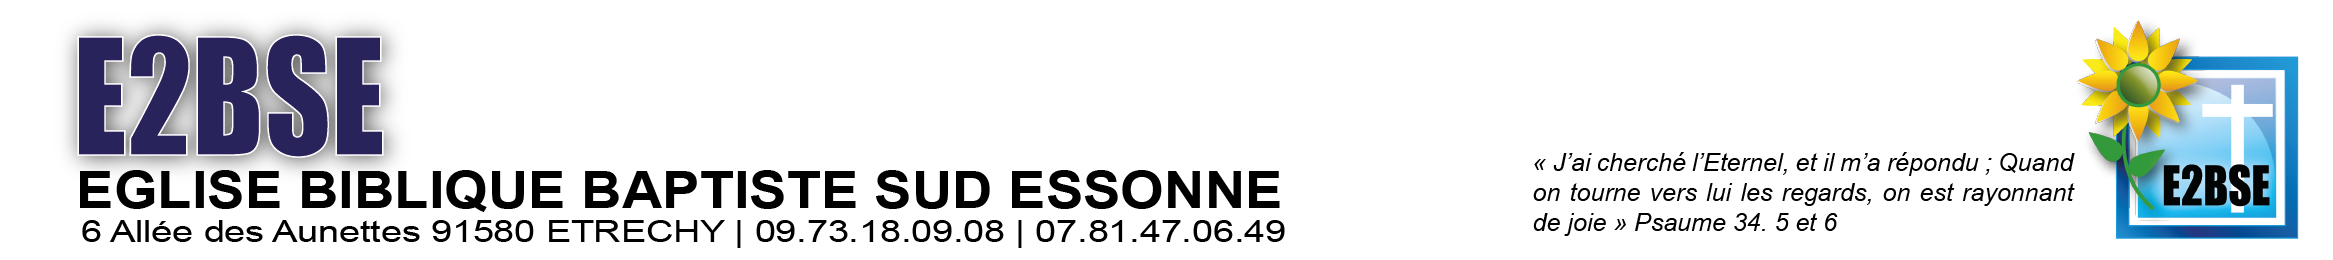 E2BSE Logo